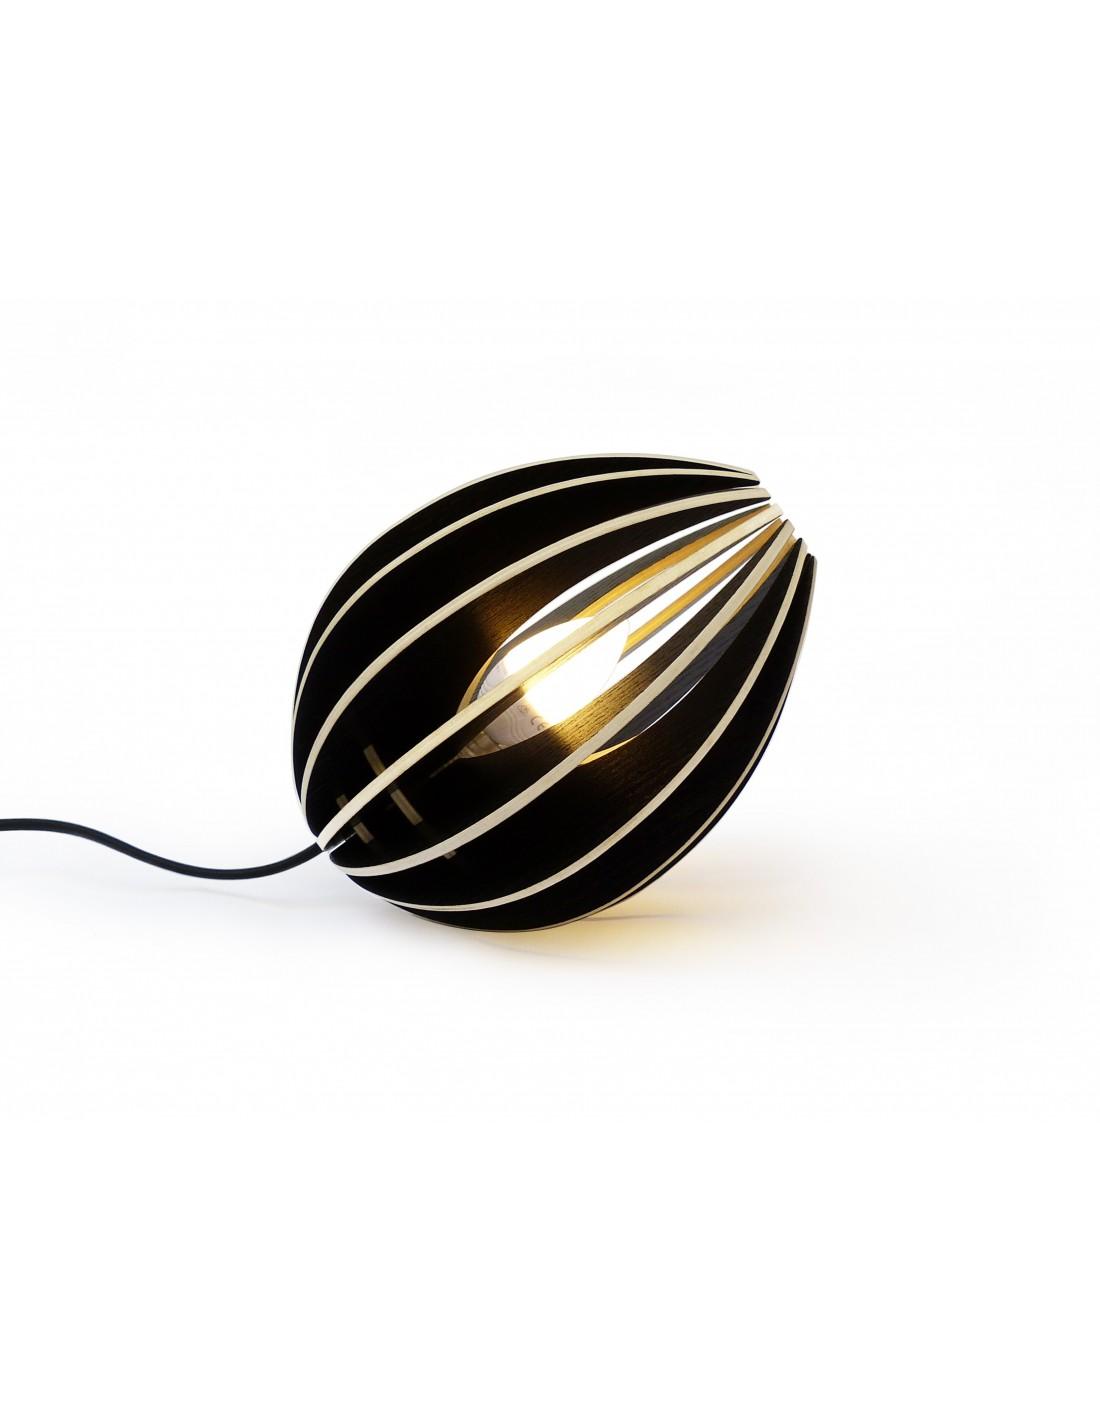 Lampe à poser en bois frêne teinté noir avec fil noir